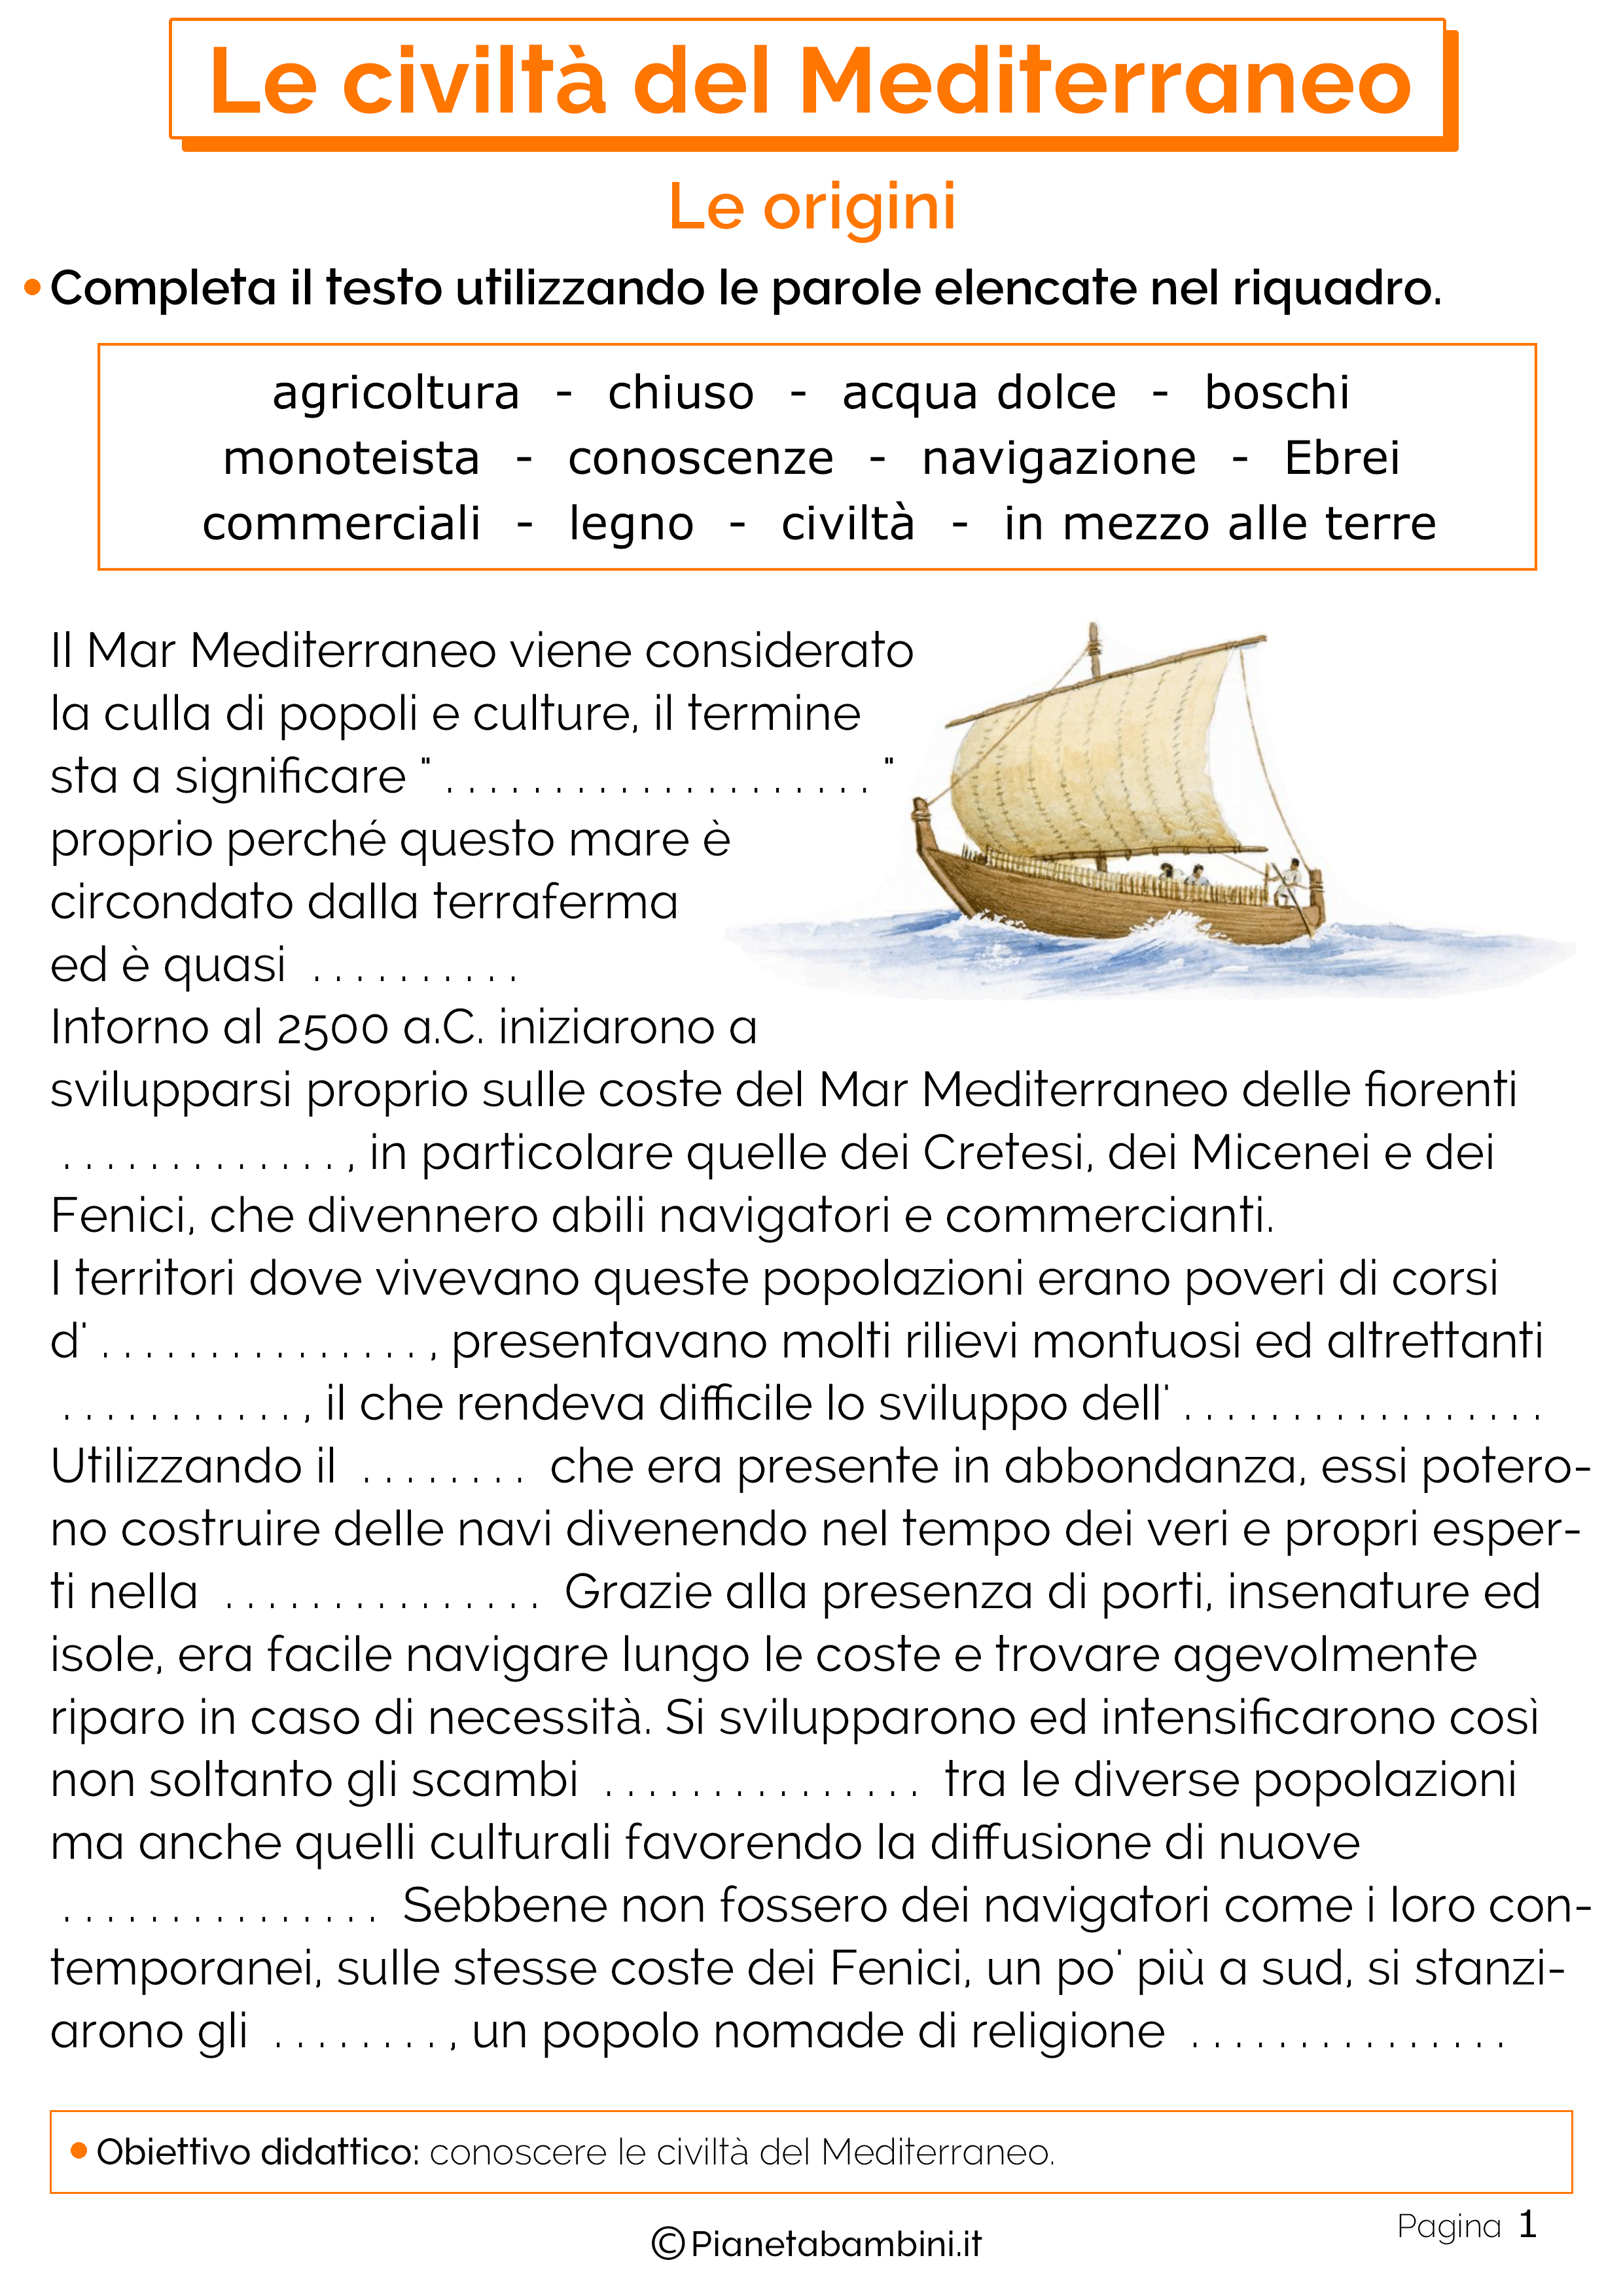 Origini e sviluppo delle civiltà del Mediterraneo